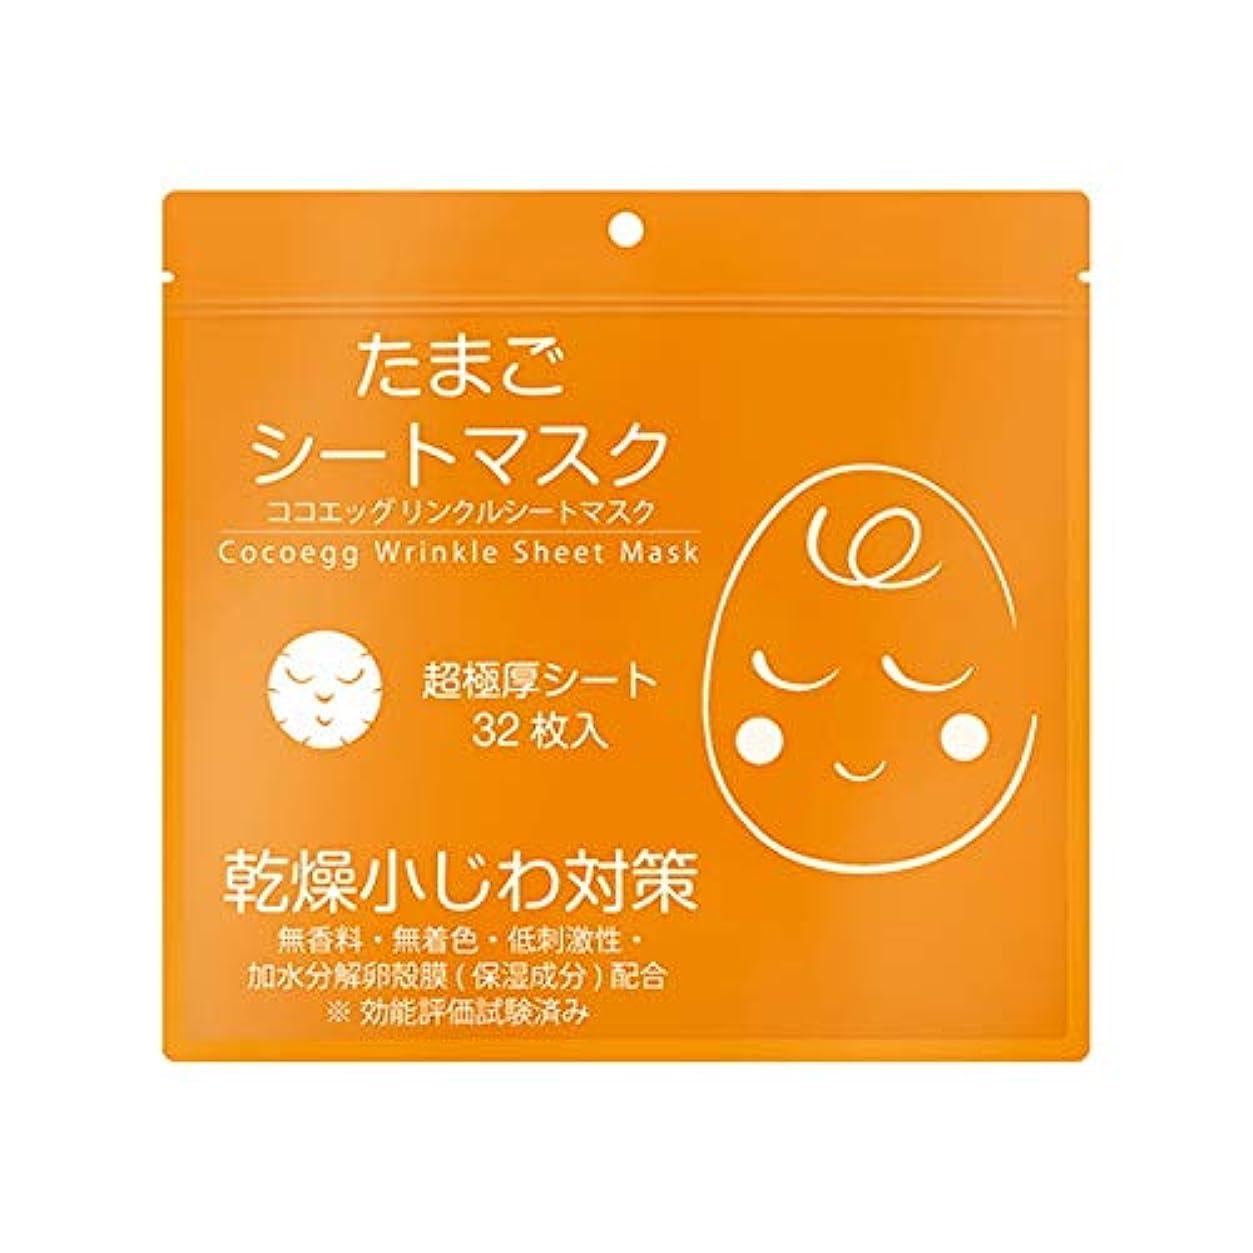 キャラバンアライアンス柔らかいココエッグ CCEリンクルシートマスク フェイスマスク W249×D23×H209mm